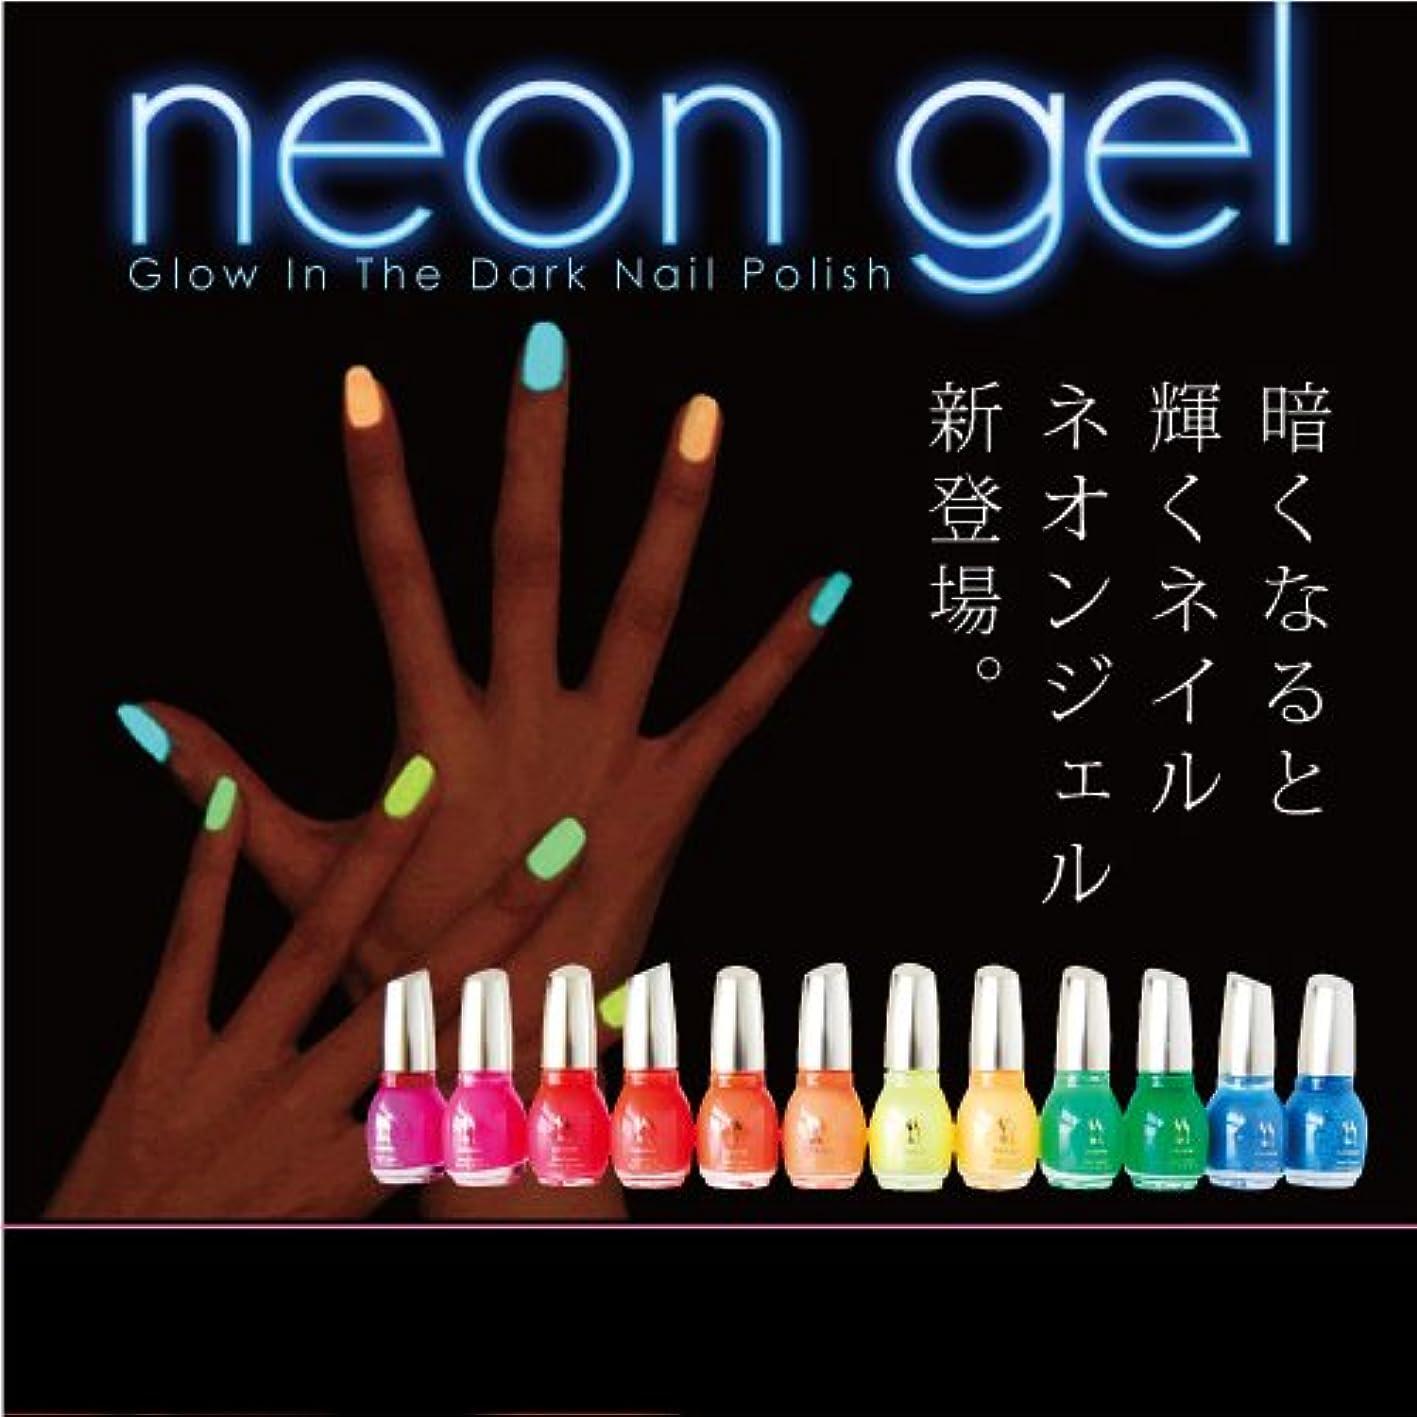 貢献する司法分類Neon Gel -Glow In The Dark- 蛍光ネイルポリッシュ 15ml カラー:09 チェリーオレンジ [マニキュア ネイルカラー ジェルネイルカラー ネイルポリッシュ SHANTI]